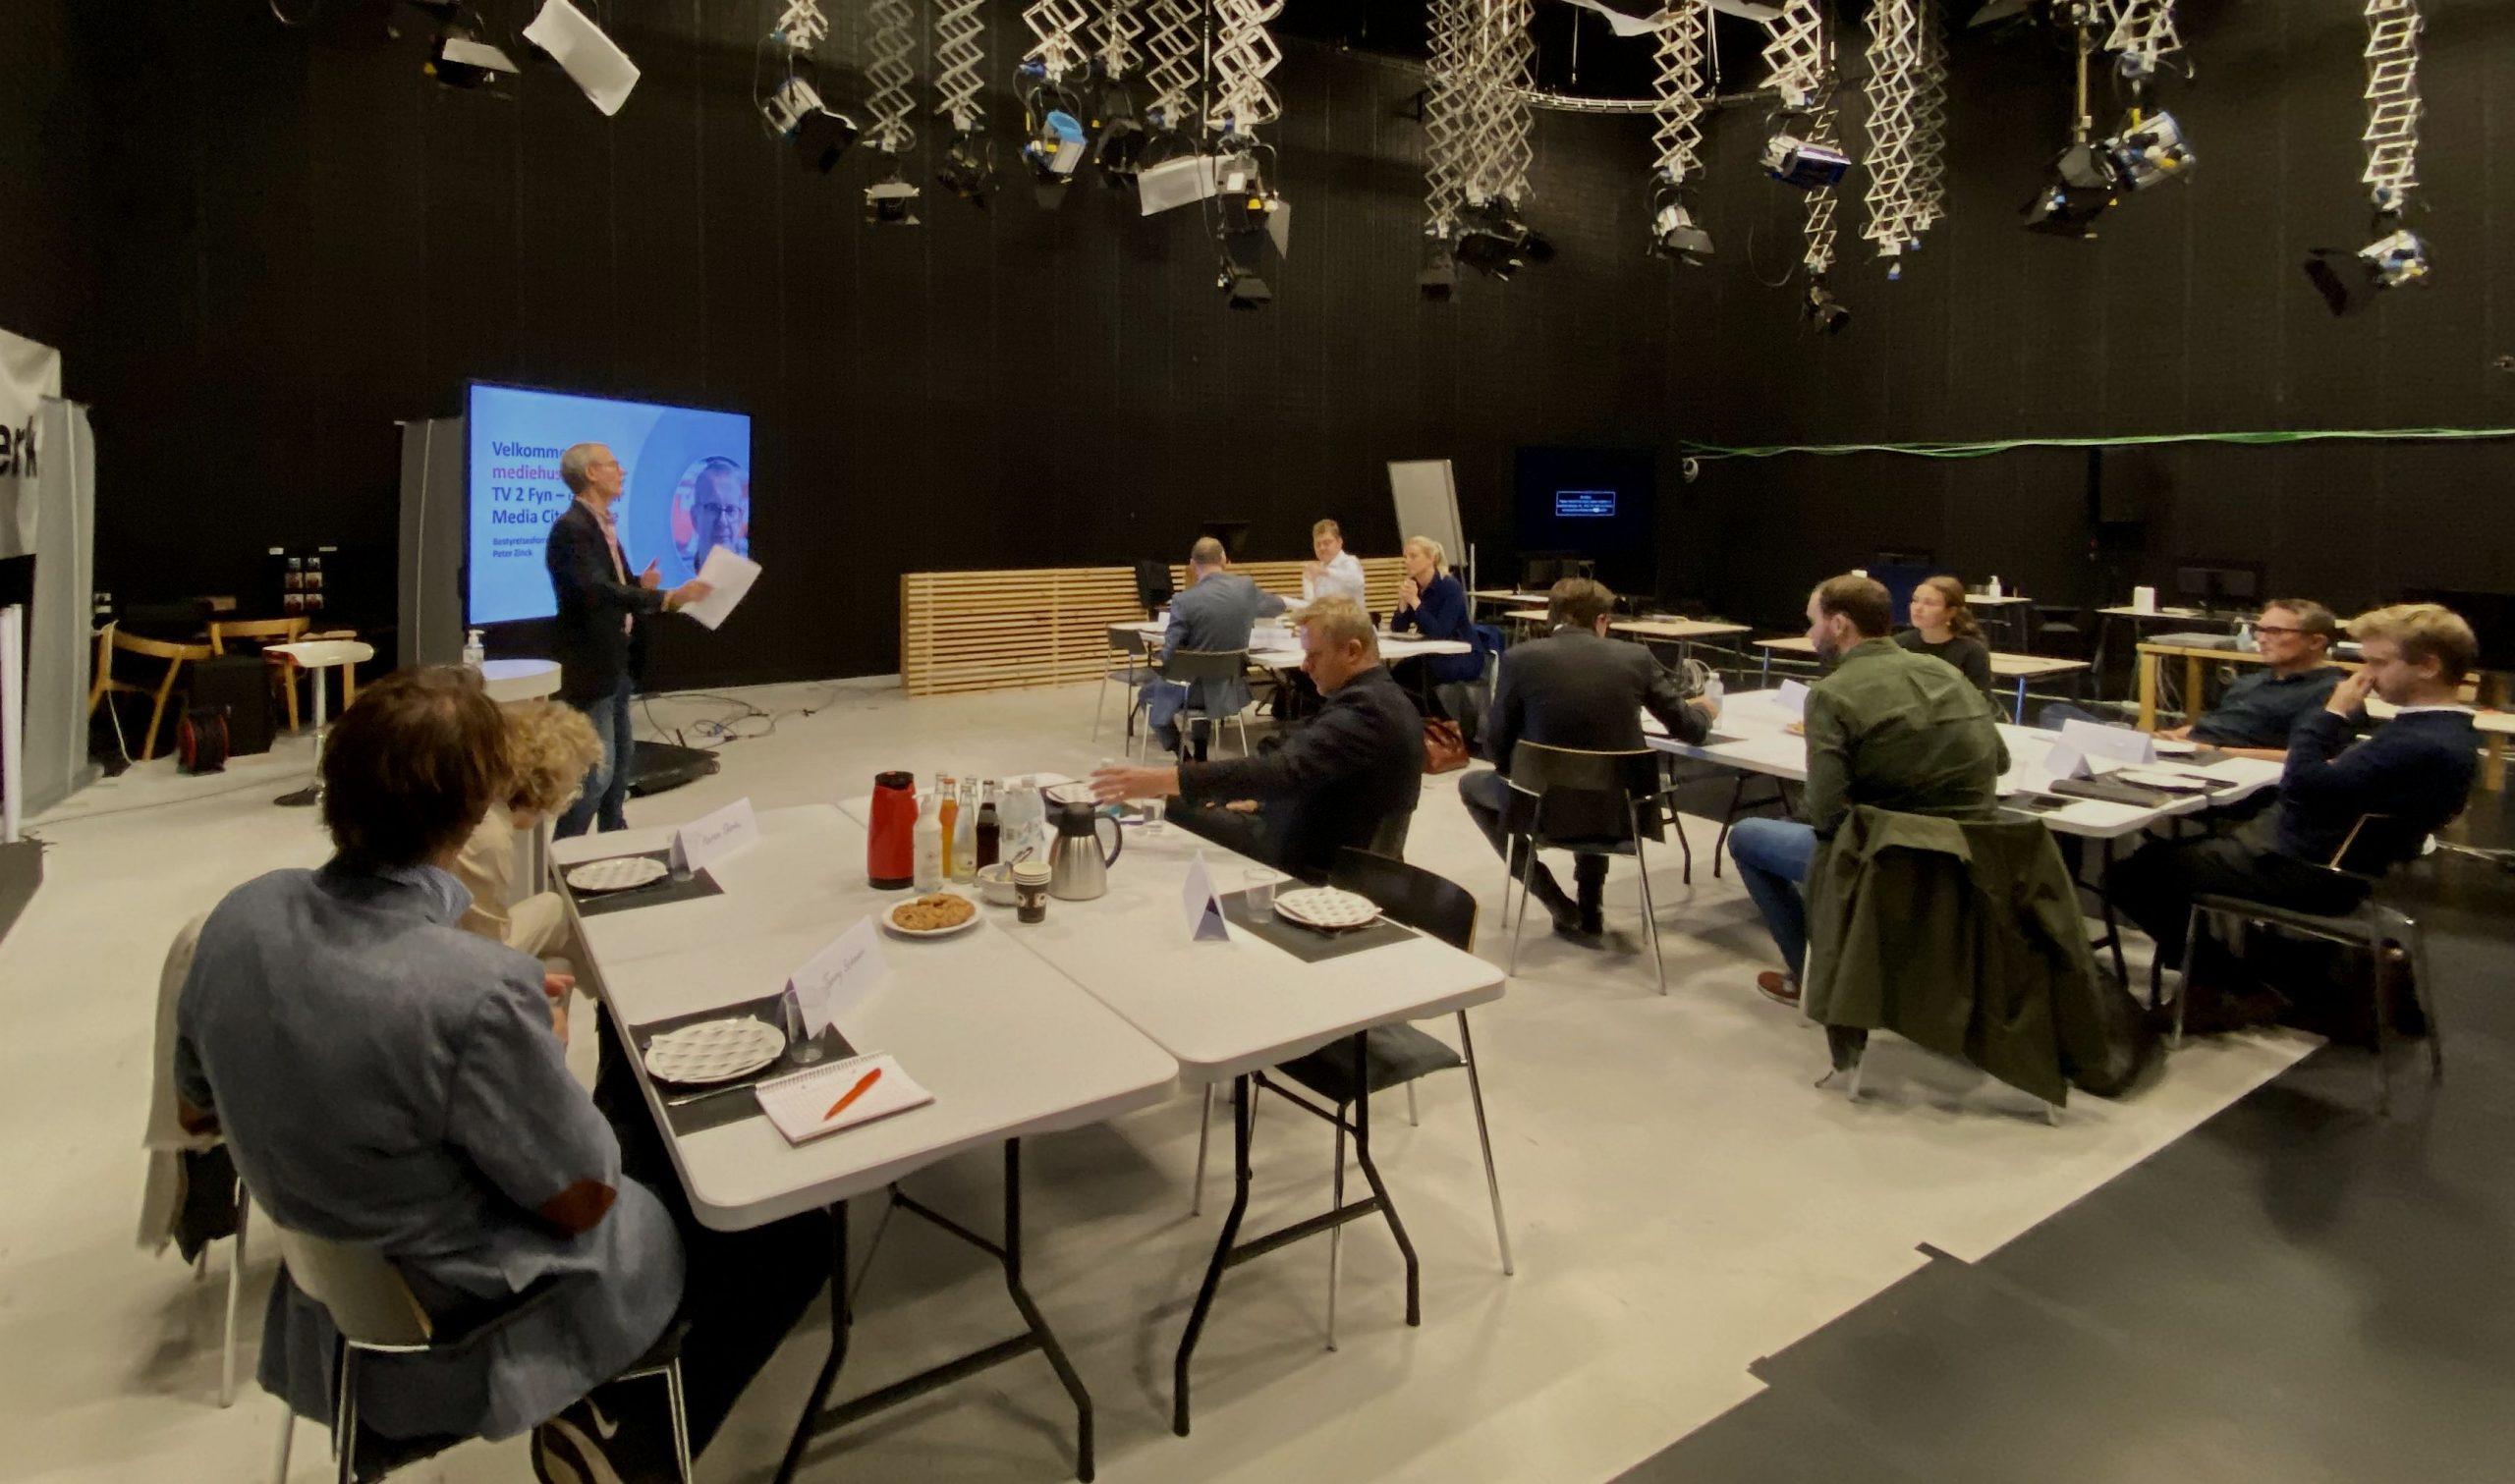 På TV 2 Fyn er alle møder forbudt – bare ikke når gæsterne et prominente fynske politikere